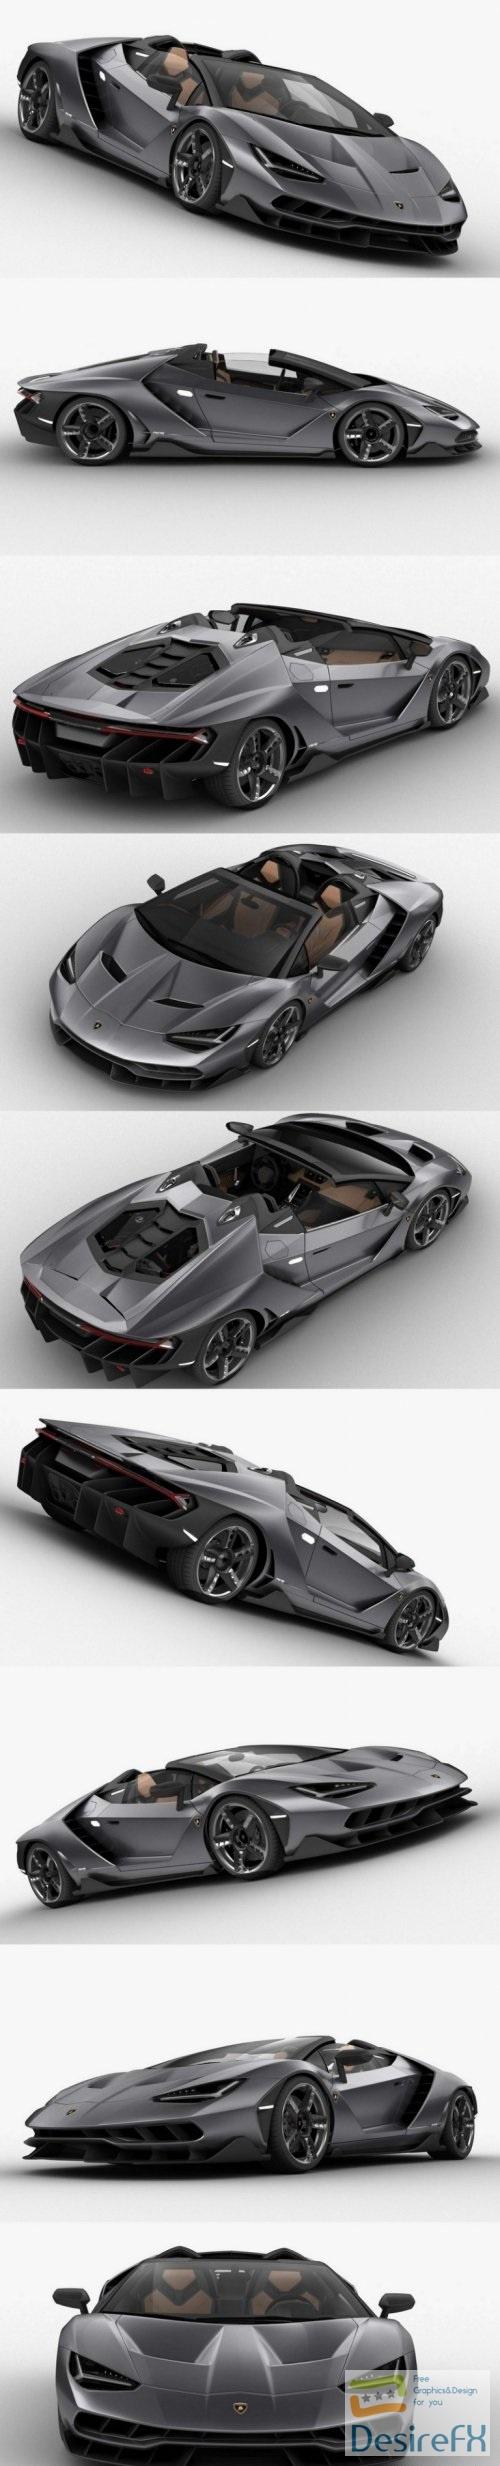 Lamborghini Centenario 2017 3D Model